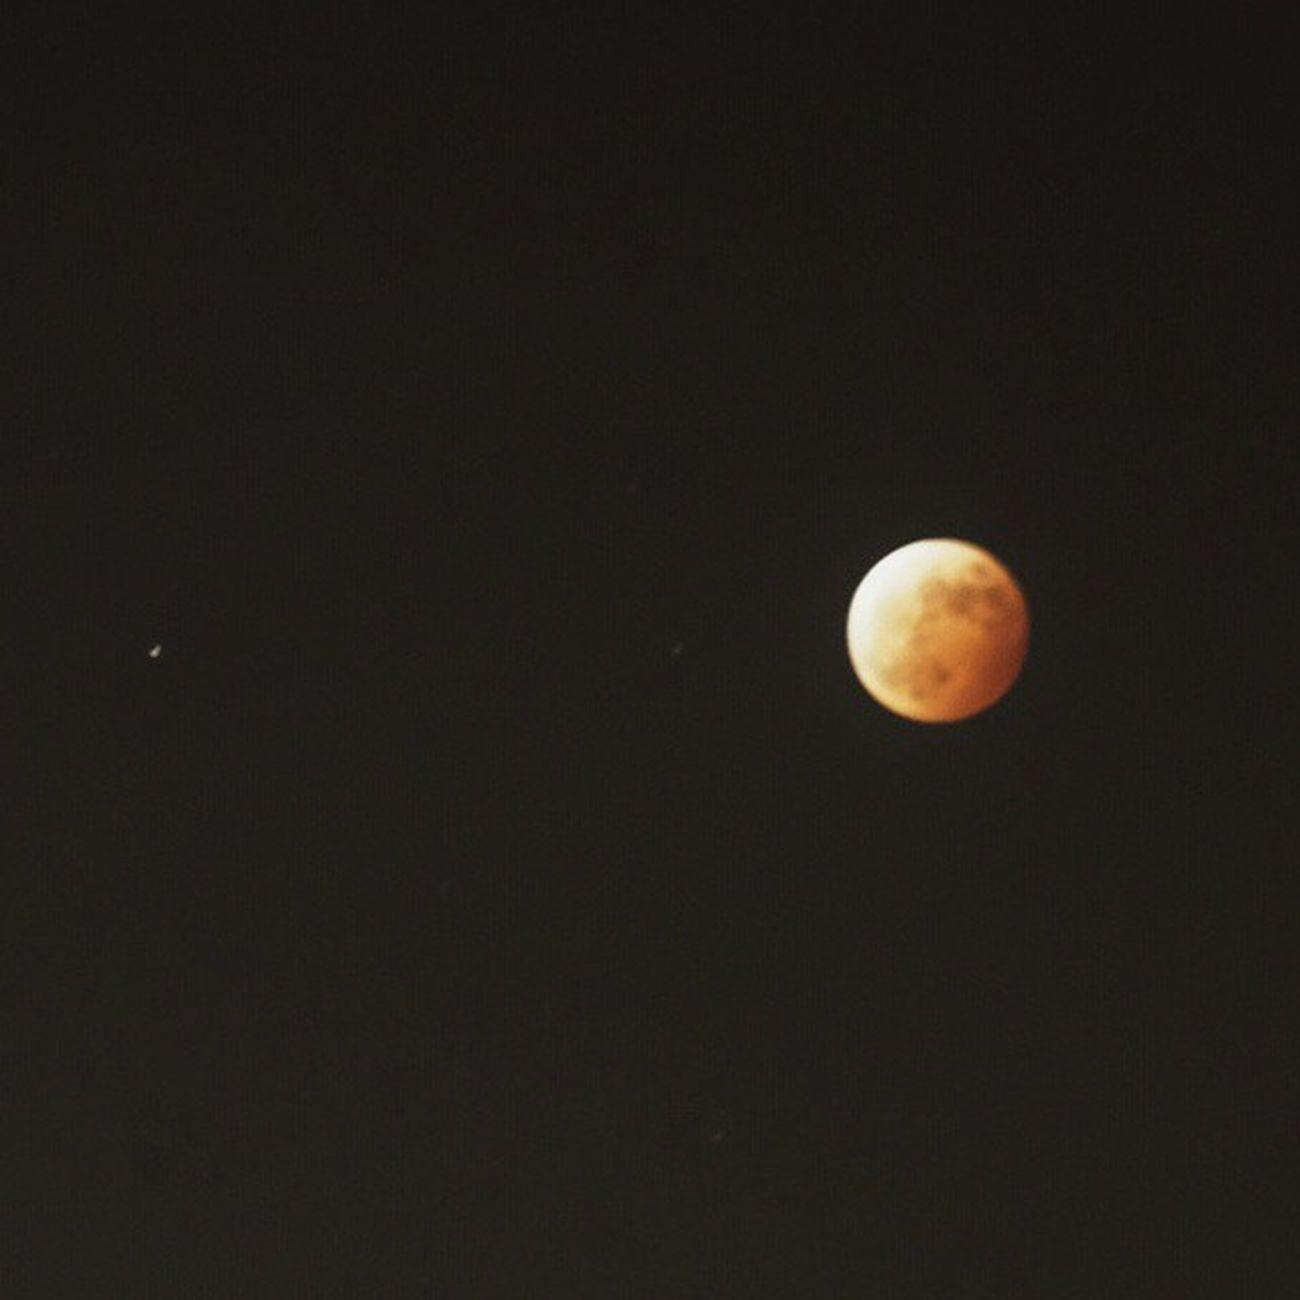 云层太厚,真不好 月食 红月亮 Redmoon